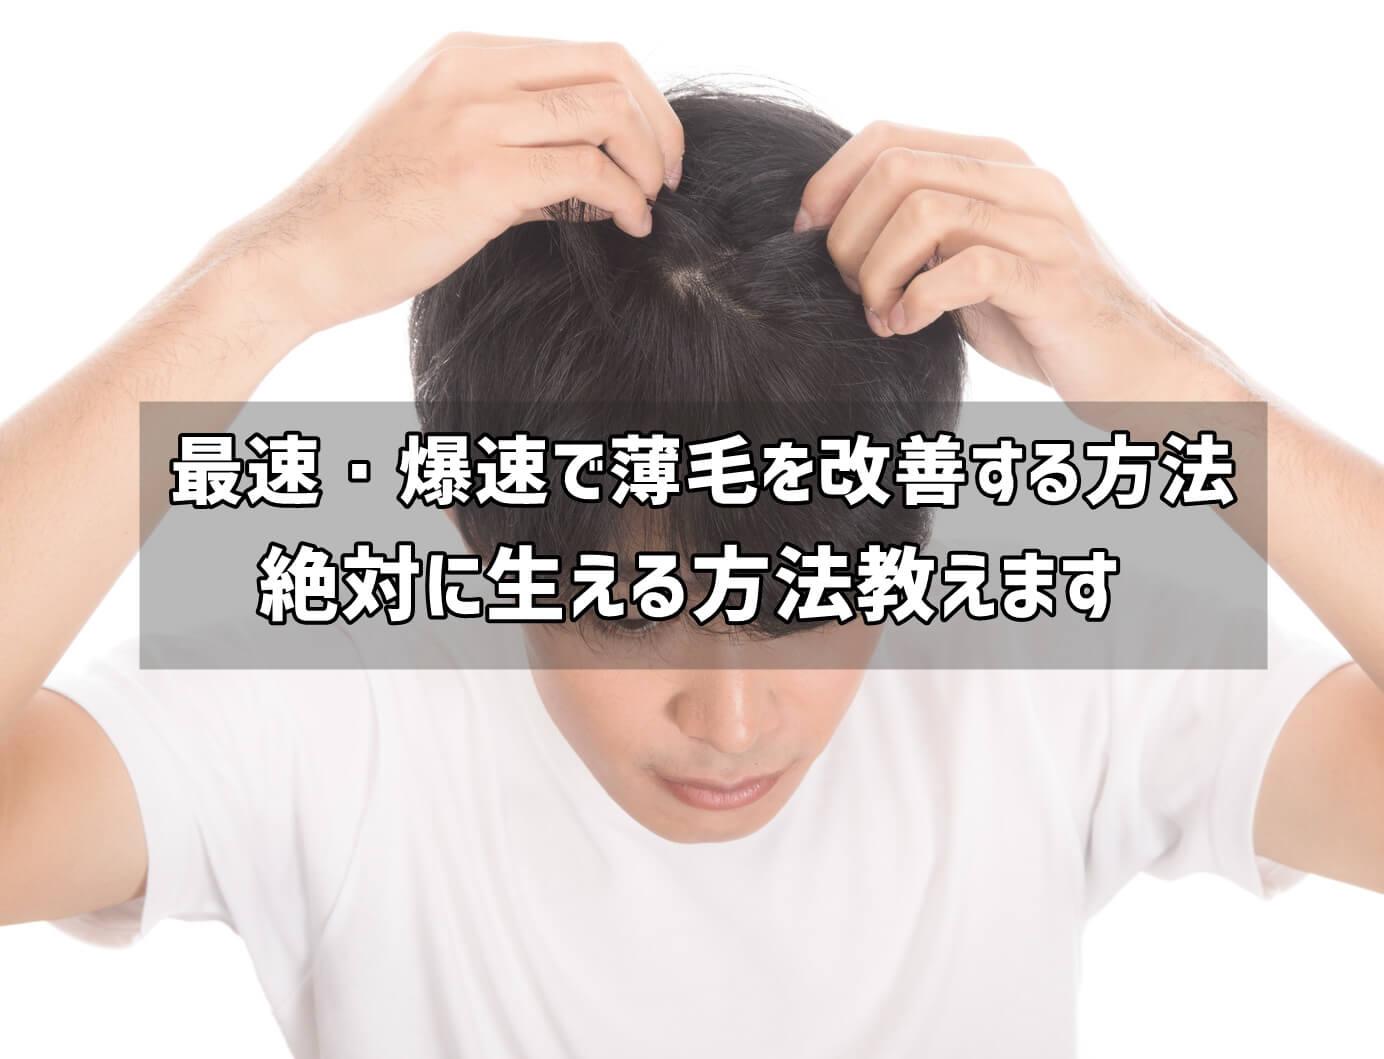 【ハゲ】最速・爆速で薄毛を改善する方法~絶対に生える方法教えます